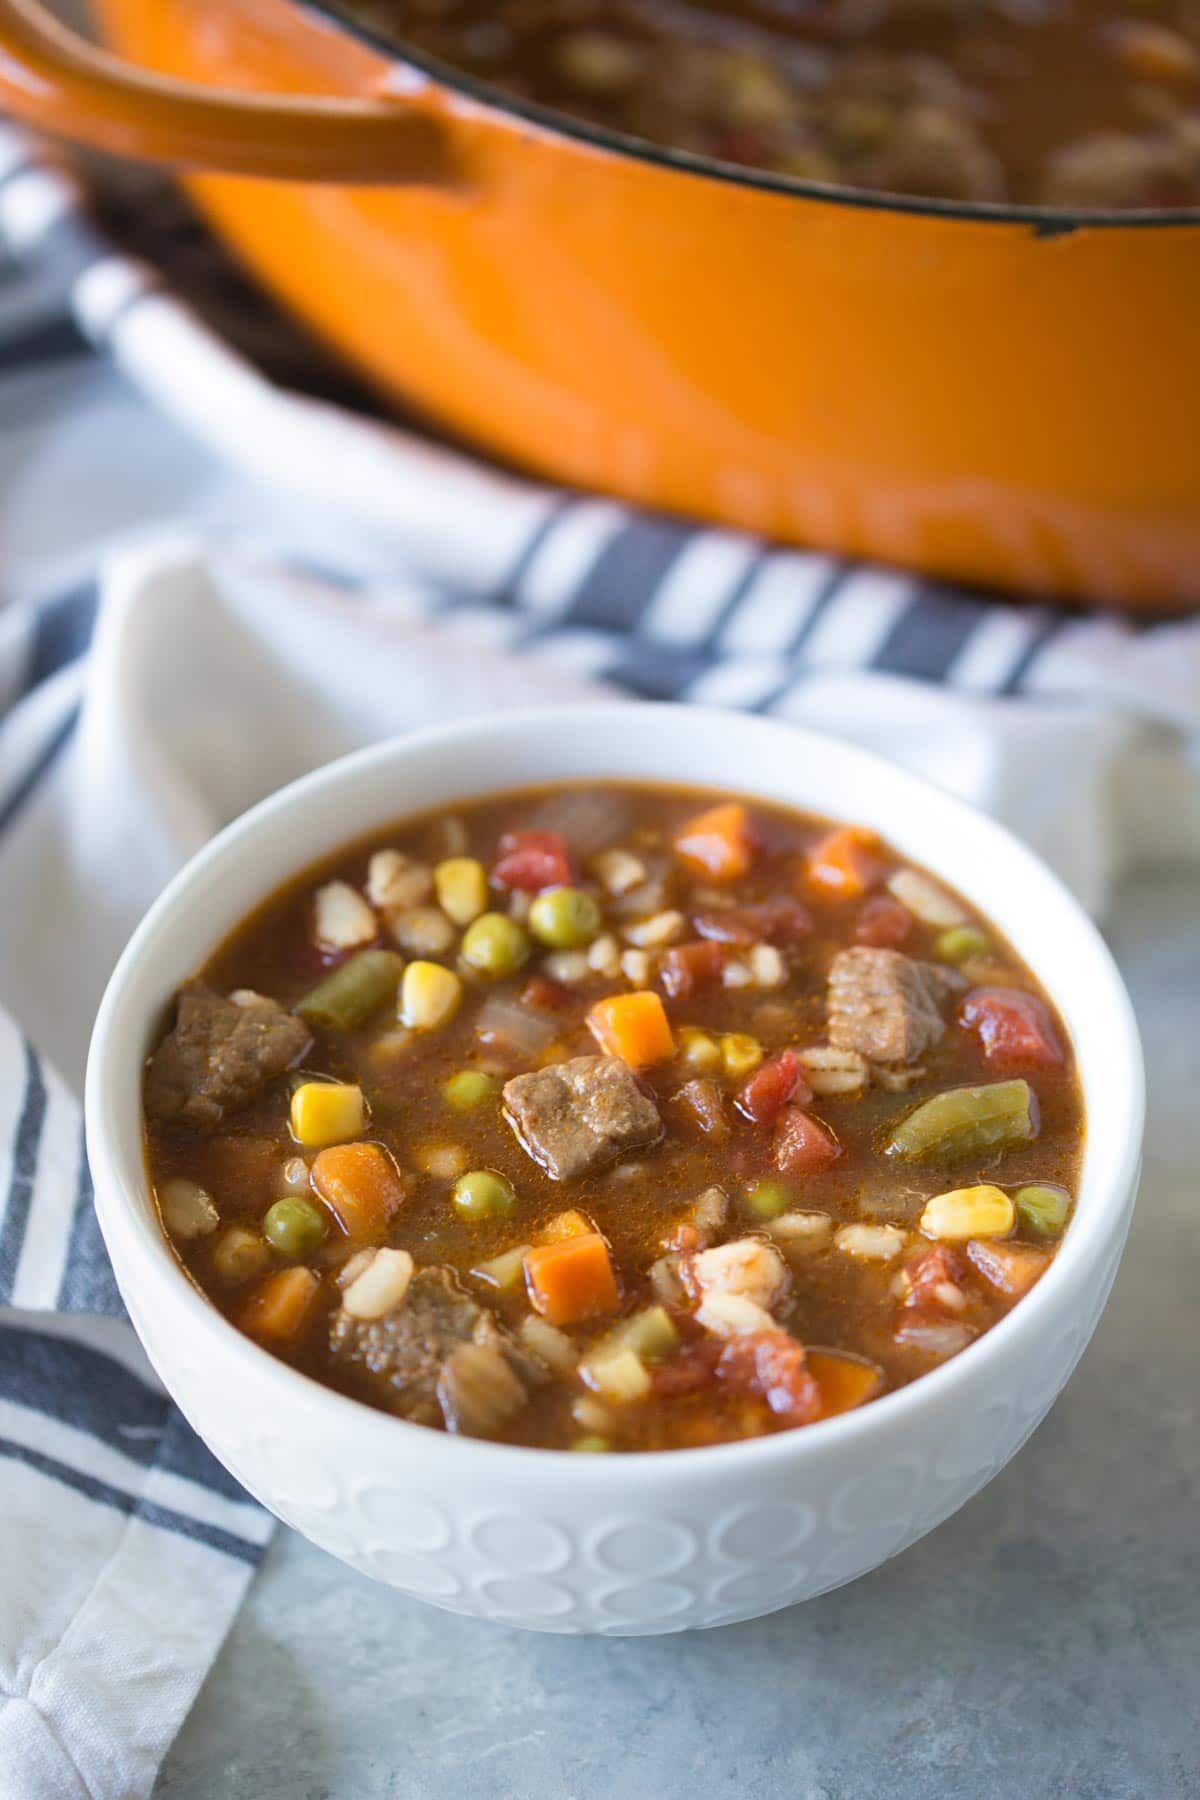 Vegetable Beef Barley Soup Easy Dairy Free Simply Whisked Recipe Vegetable Beef Barley Soup Beef Barley Soup Barley Soup